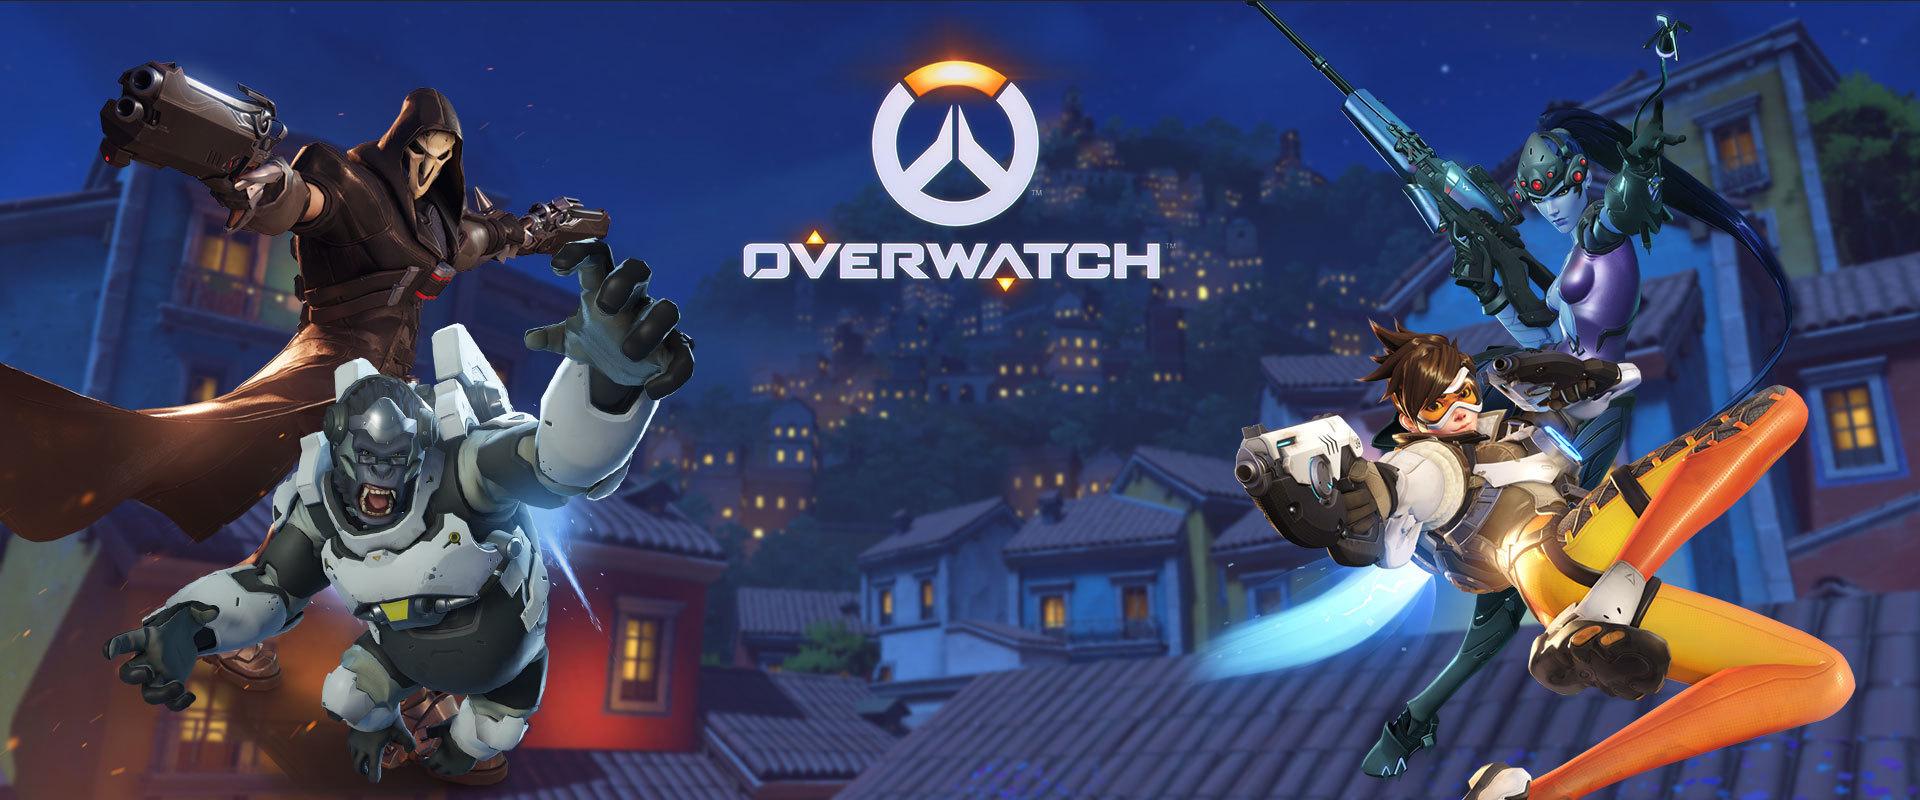 Overwatch non ha segreti entra nel team gamer di samsung for Samsung arena milano